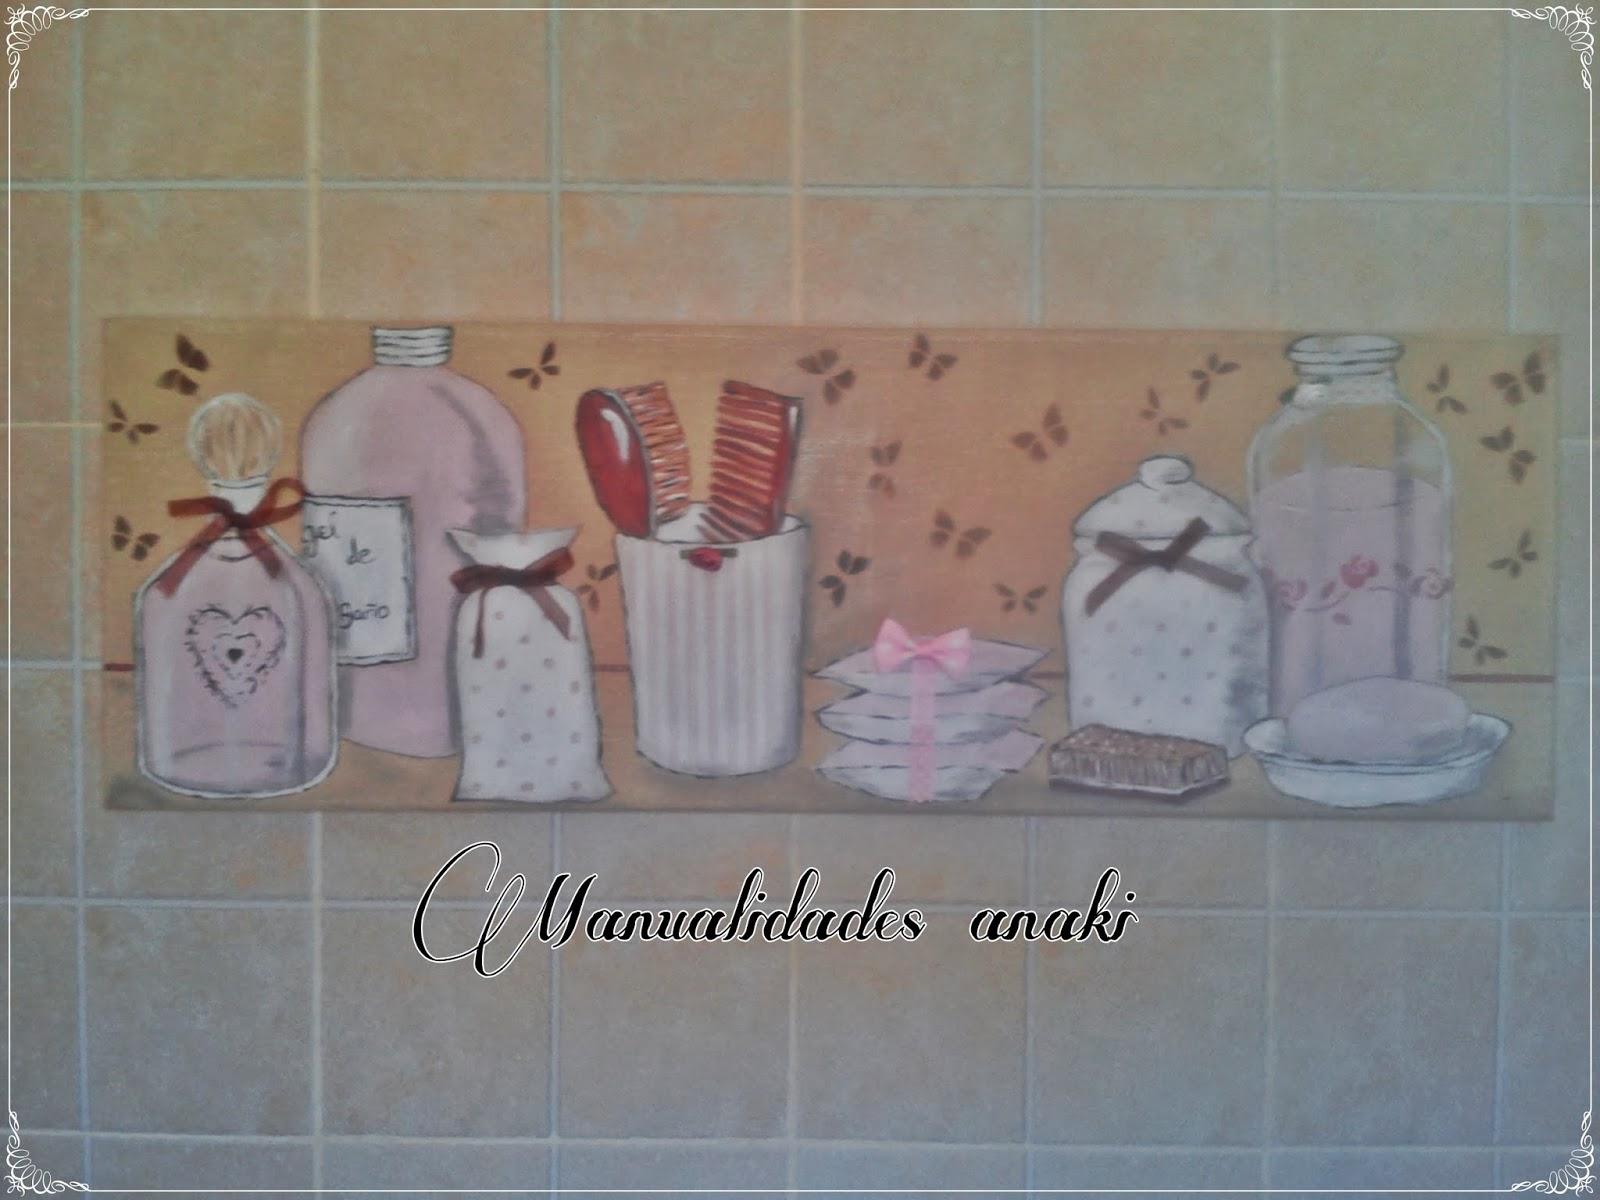 Manualidades anaki cuadro ba o en rosa for Cuadros cuarto de bano originales